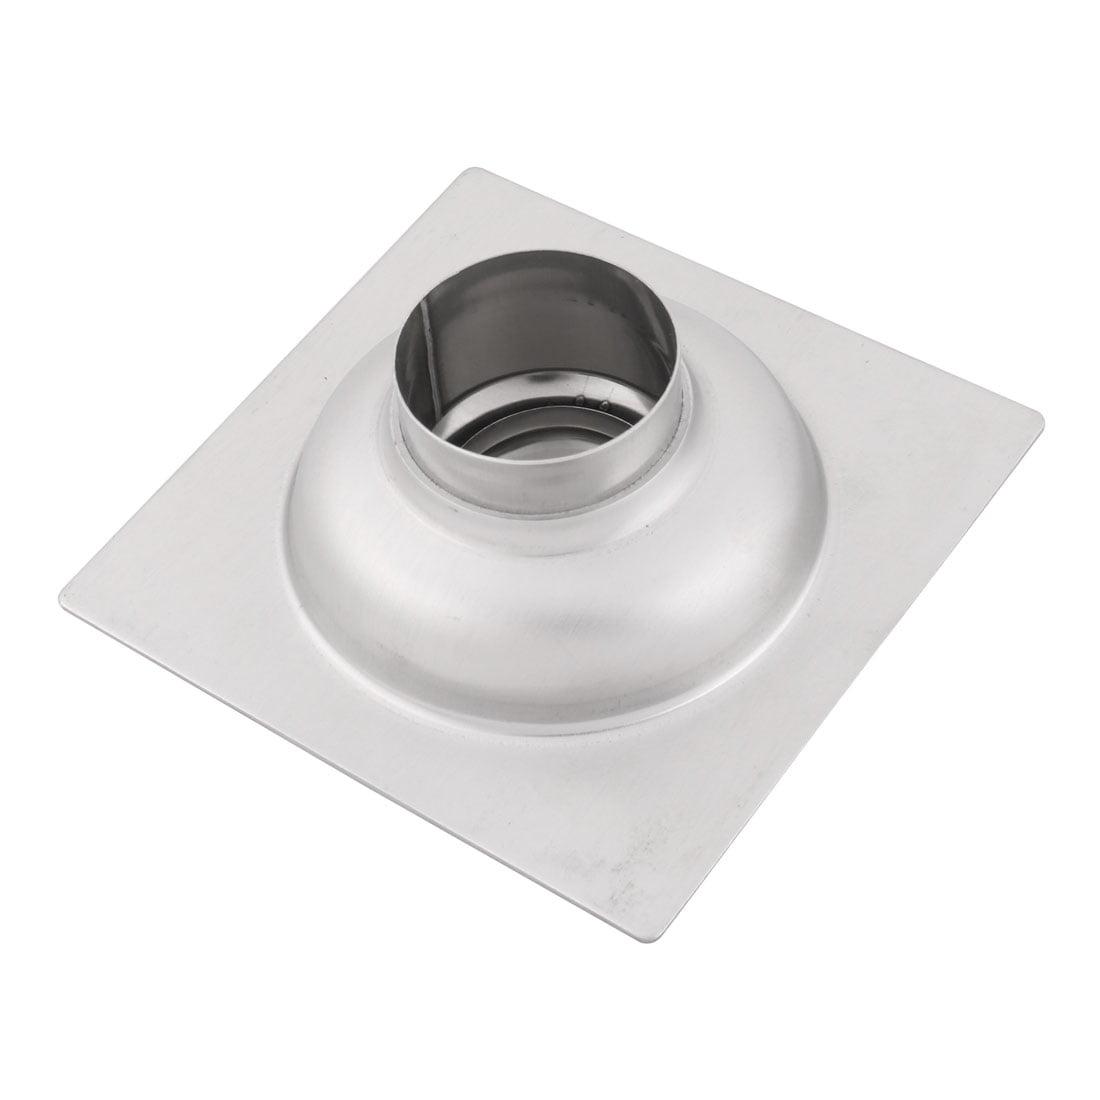 Household Stainless Steel Square Floor Drain Cover Lid Strainer Hair Stopper - image 4 de 5